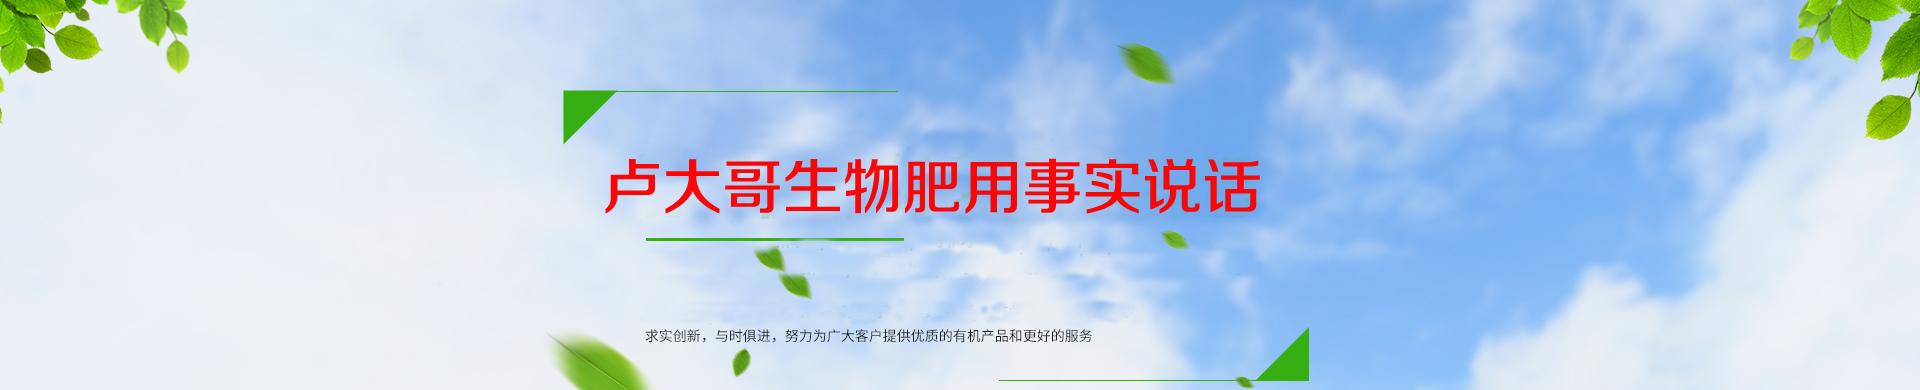 日照卢雷火电竞app下载生物科技有限公司